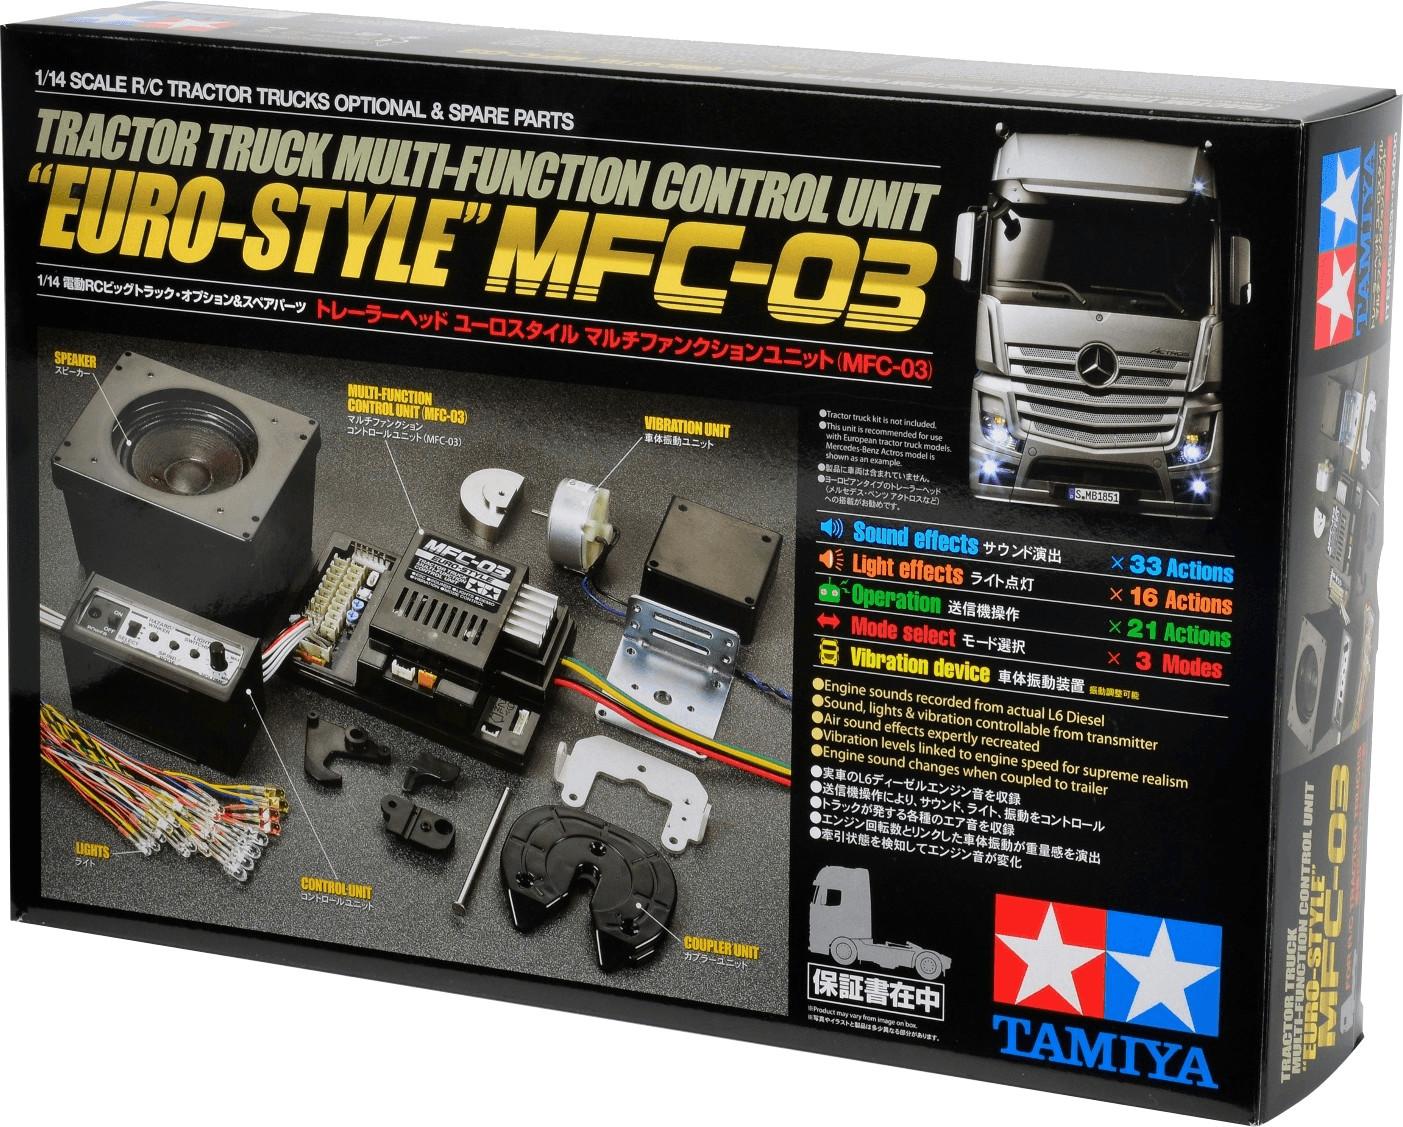 Tamiya Multifunktionseinheit MFC-03 Euro-Style ...